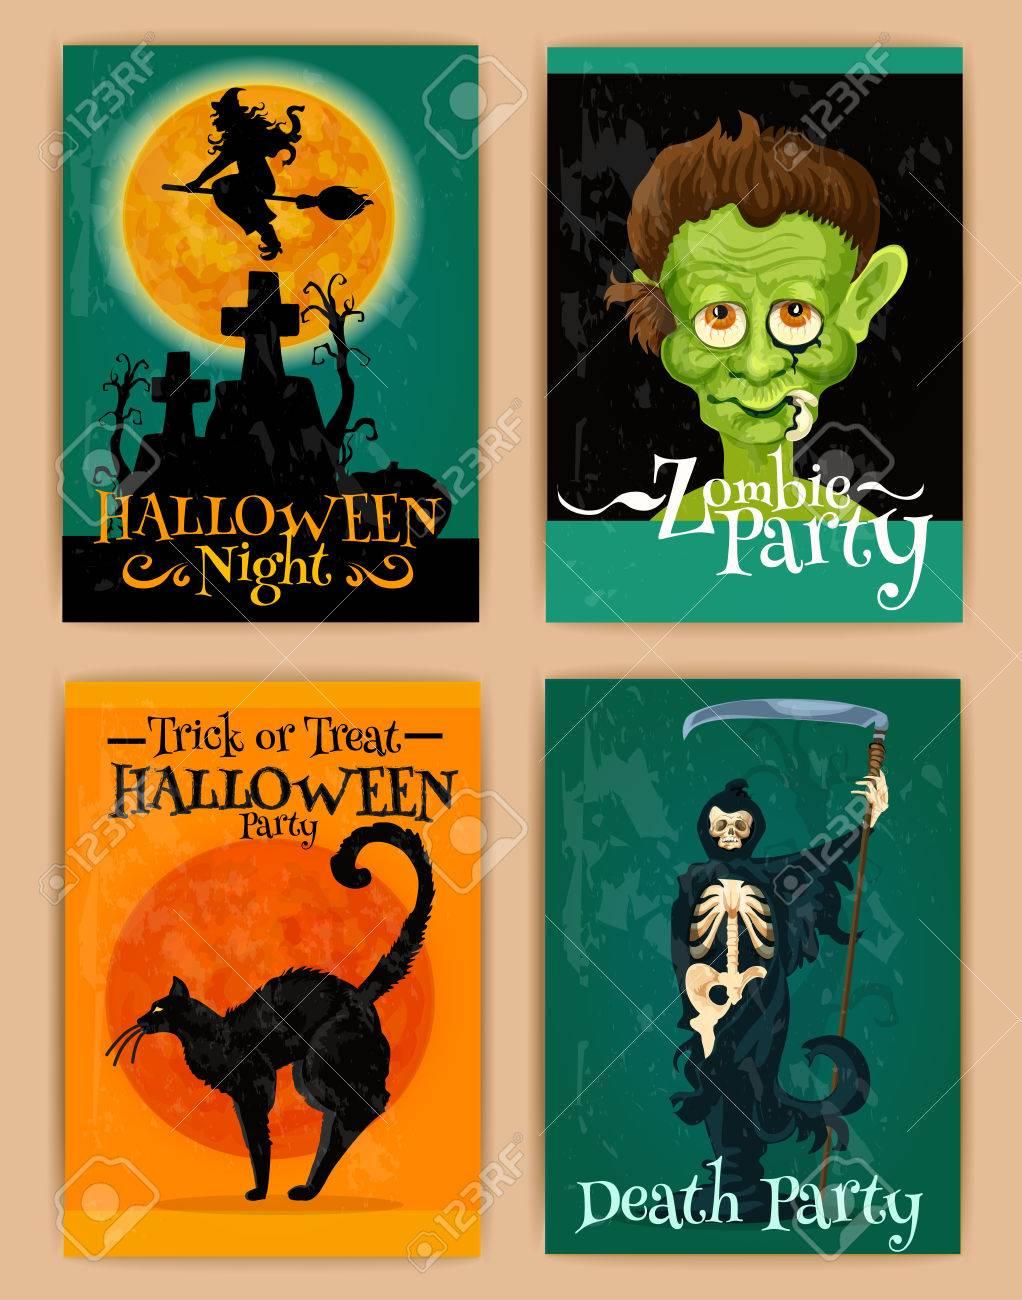 Rétro Affiches Stylisées Pour La Fête D Halloween Avec Des Personnages De Dessins Animés De Chat Noir Hanté Maison De Sorcière Monstre Squelette